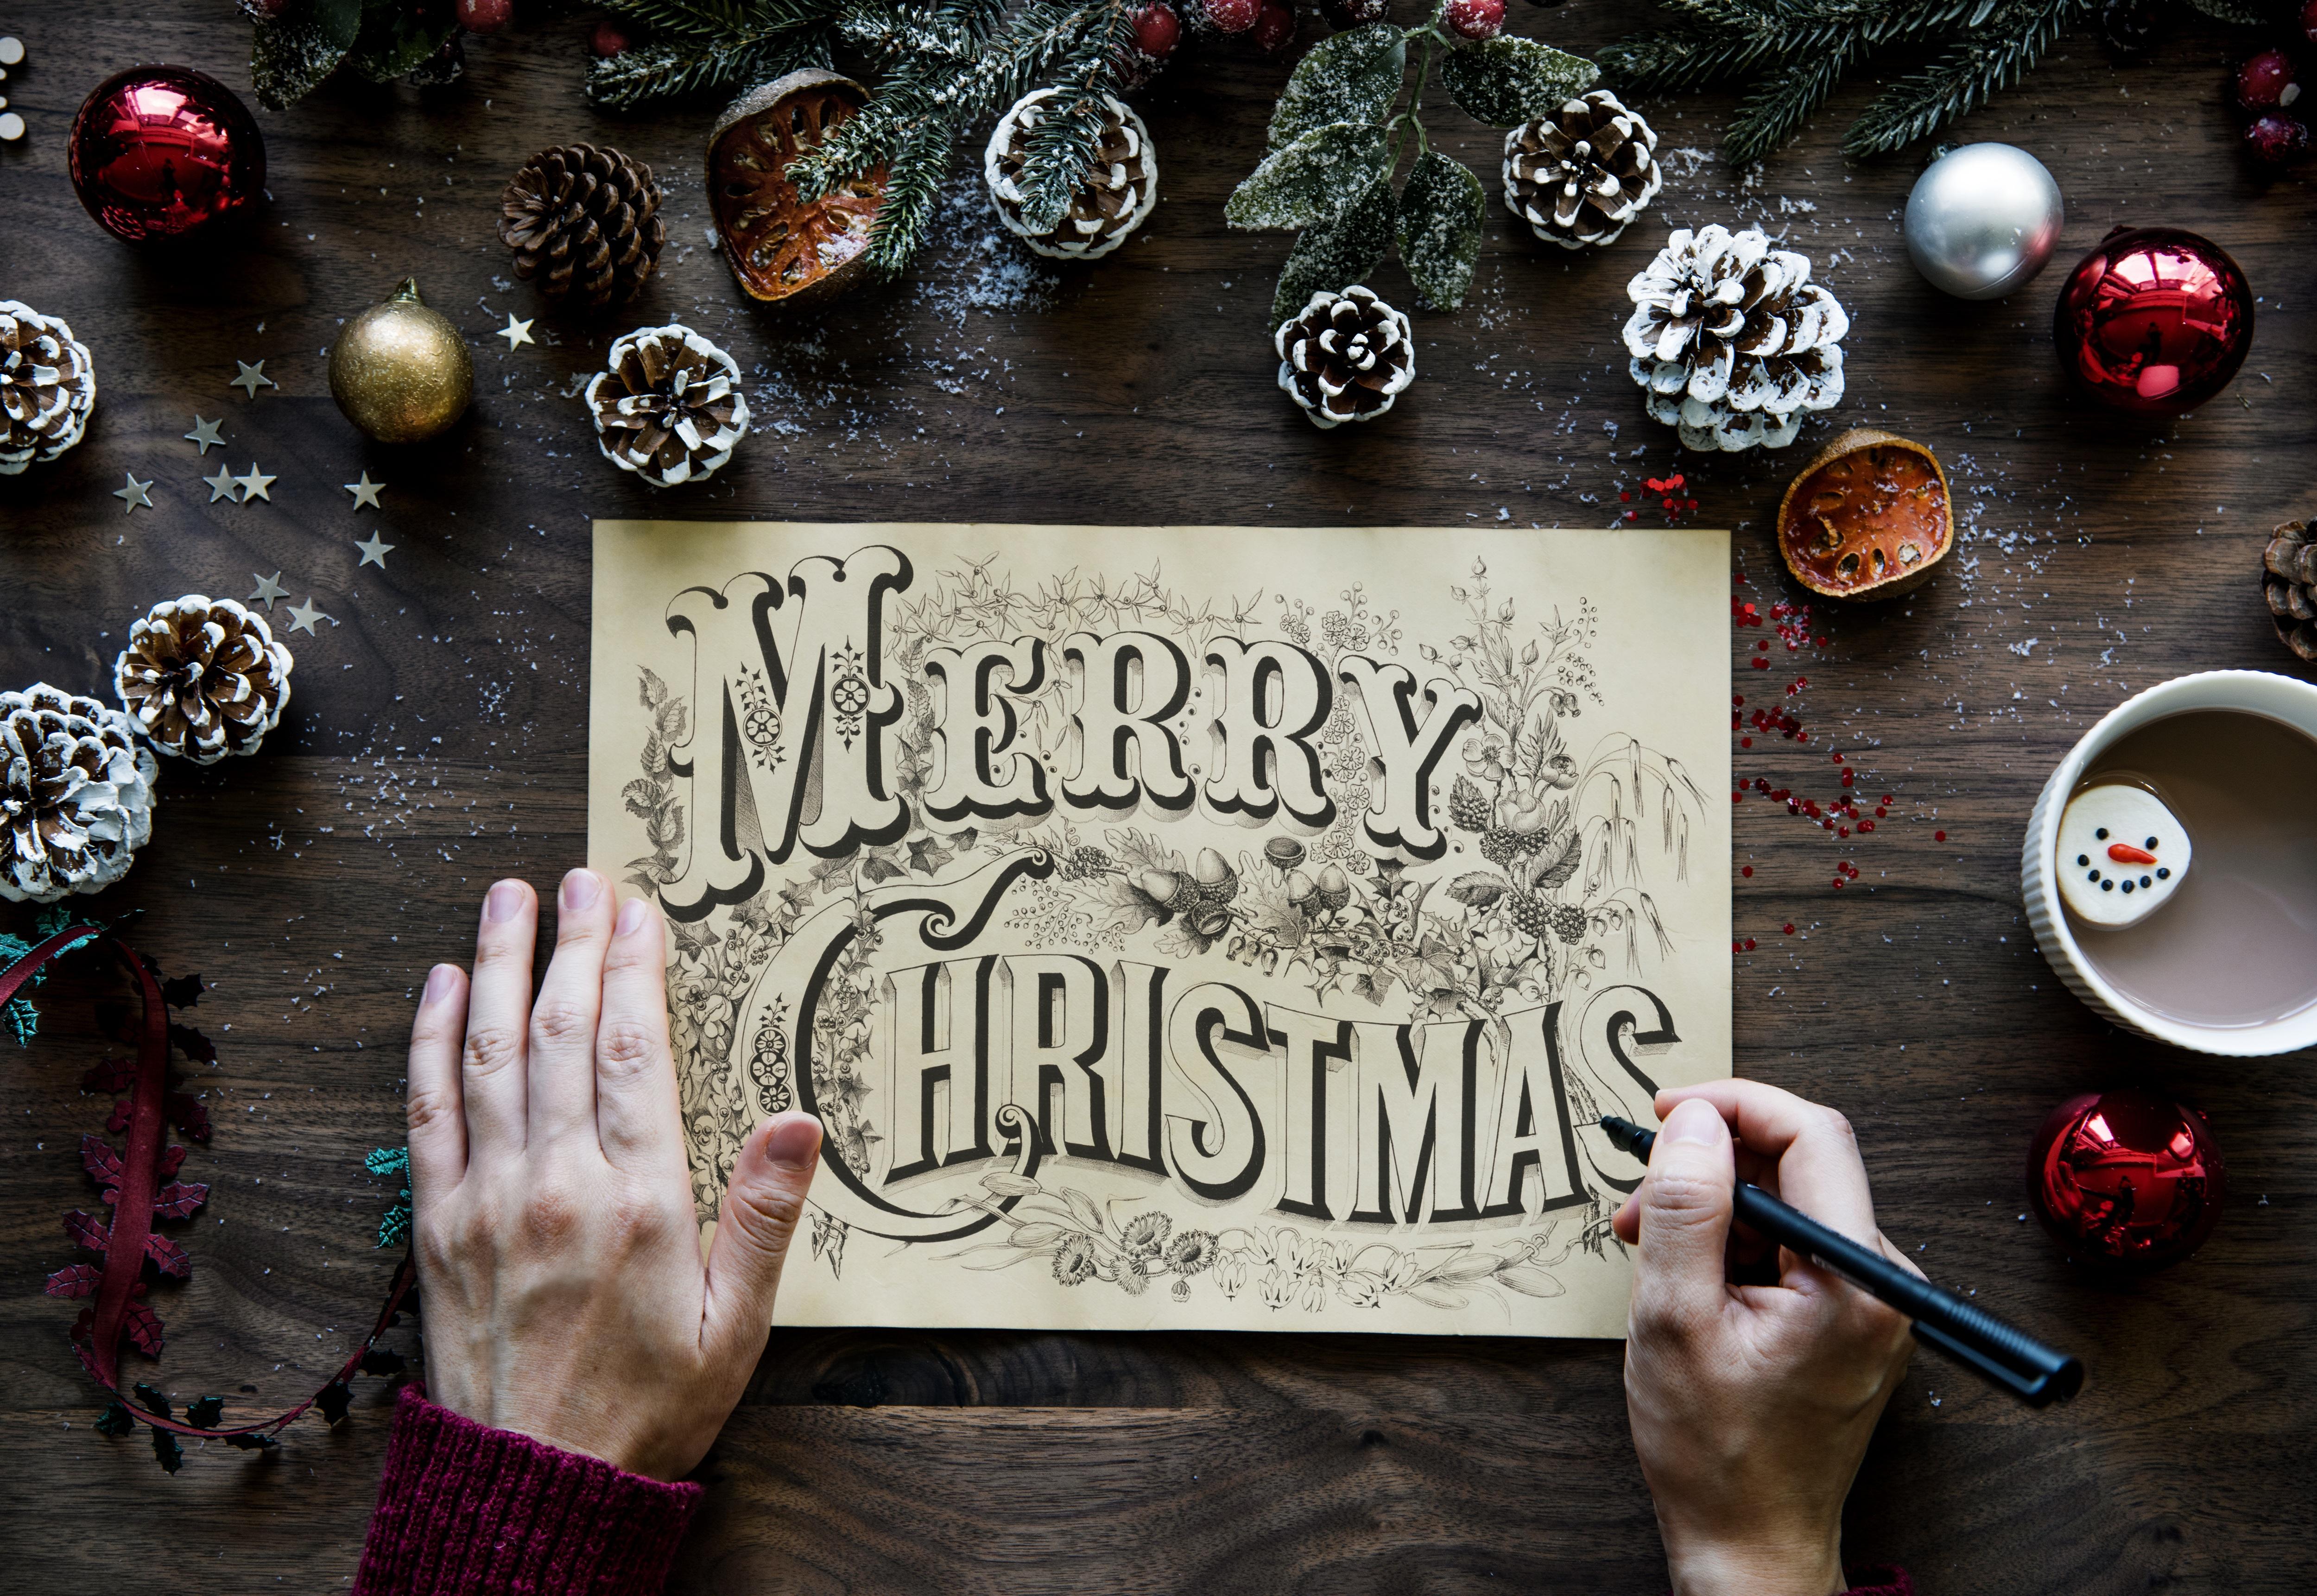 Christmas: Drawing, Christmas, Hand, Pine Cone, Merry Christmas